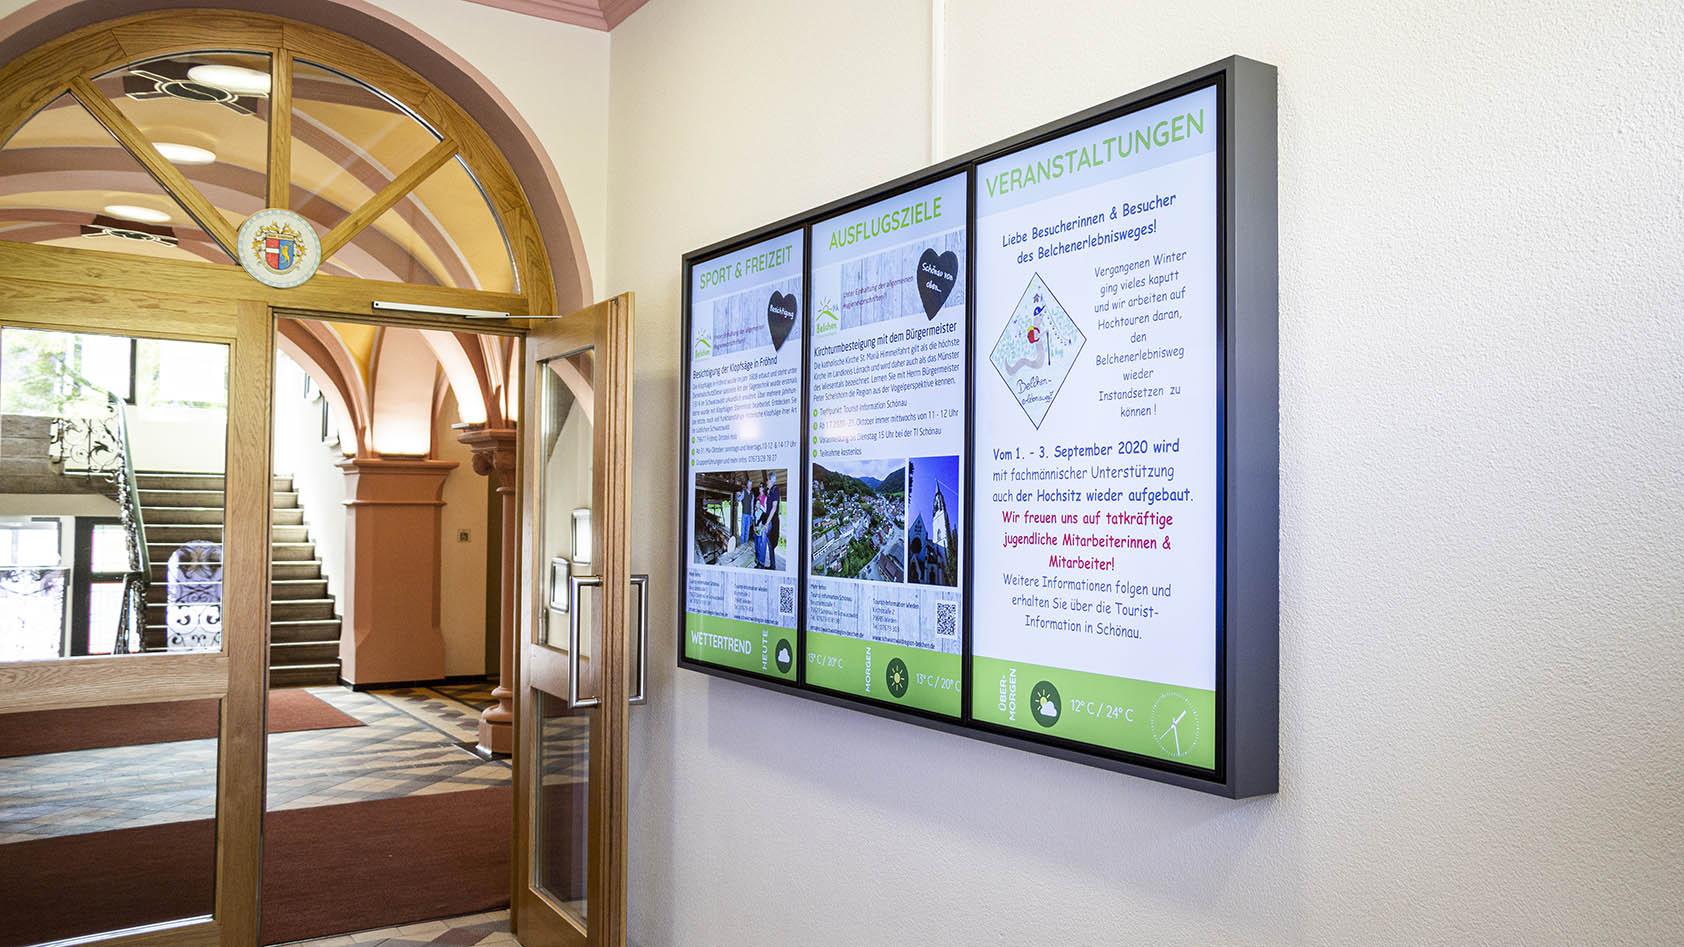 Besucher leiten, Informationen anzeigen und auf aktuelle Gesundheitshinweise aufmerksam machen - mit einem digitalen Infosystem ganz einfach!